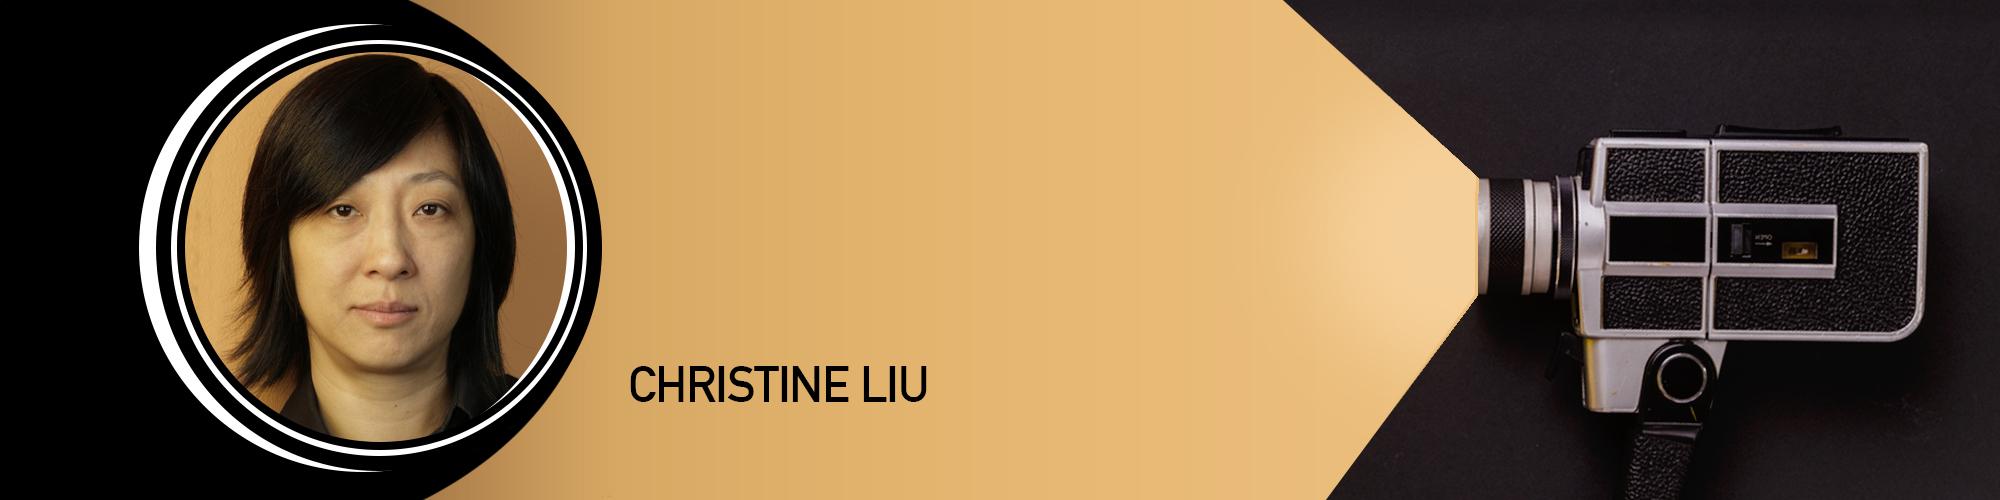 Em entrevista, a cineasta Christine Liu fala sobre o mercado audiovisual e os bastidores da produção de um filme